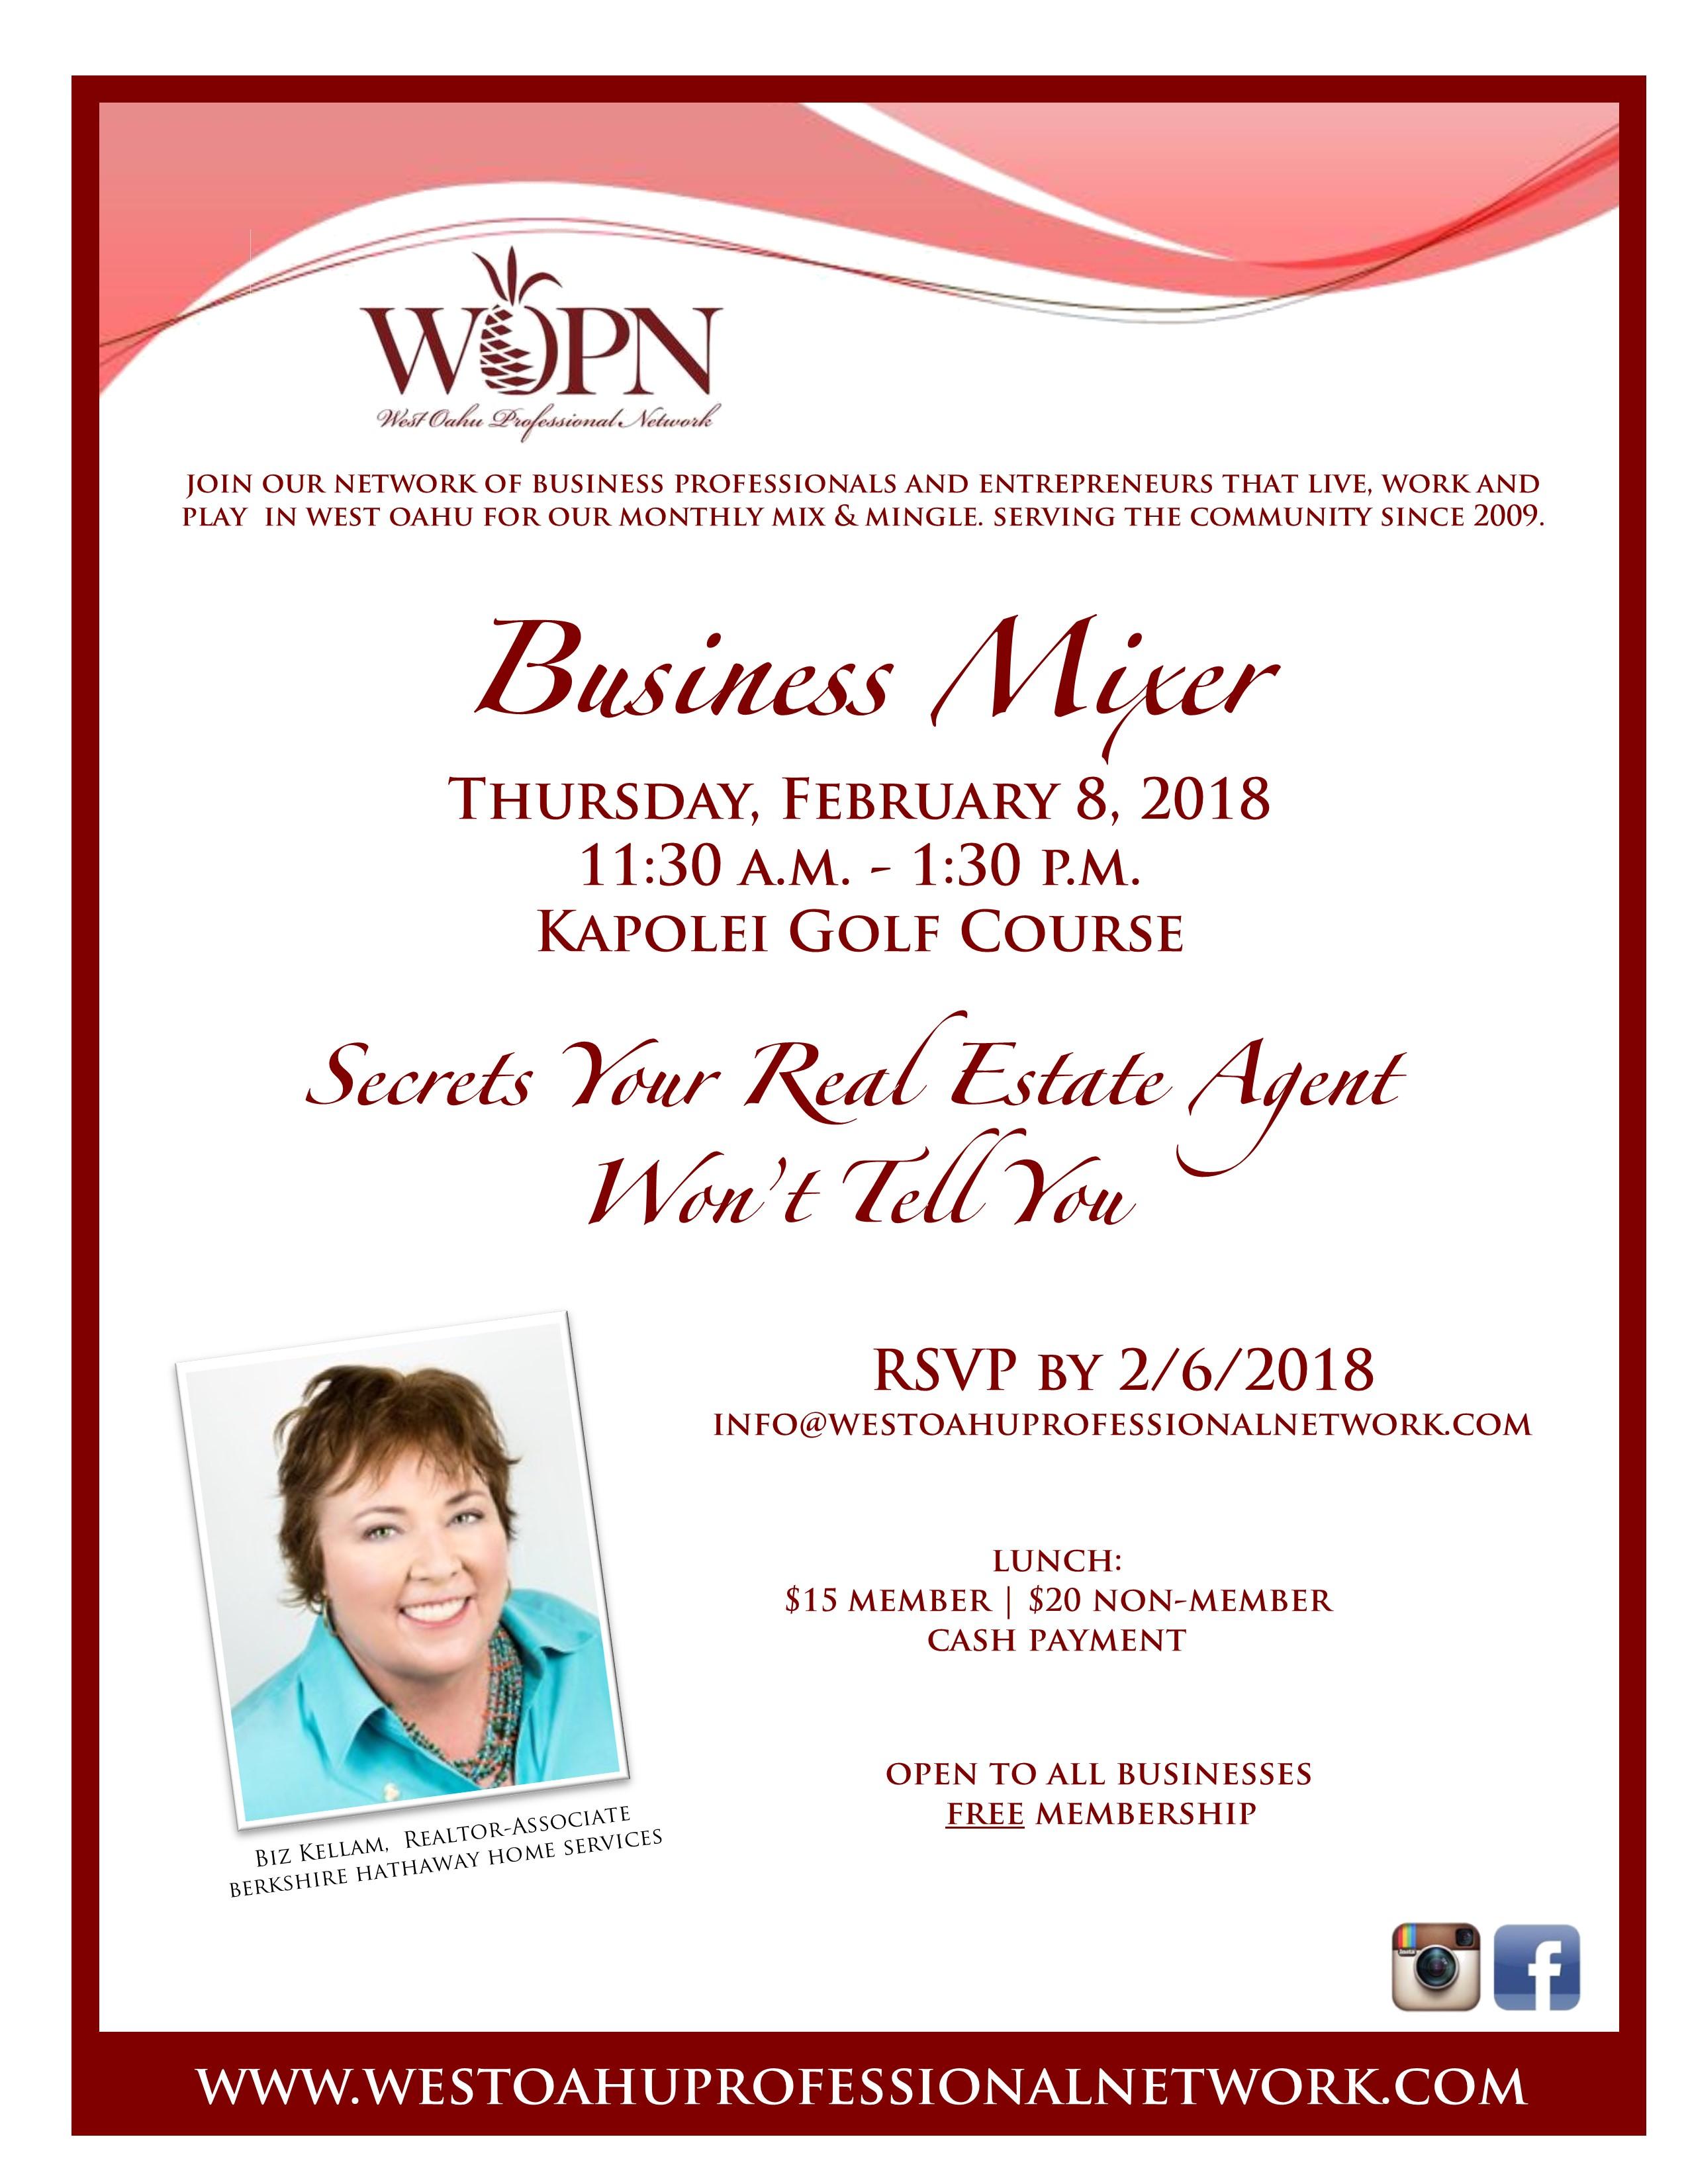 WOPN Business Mixer - February 8, 2018